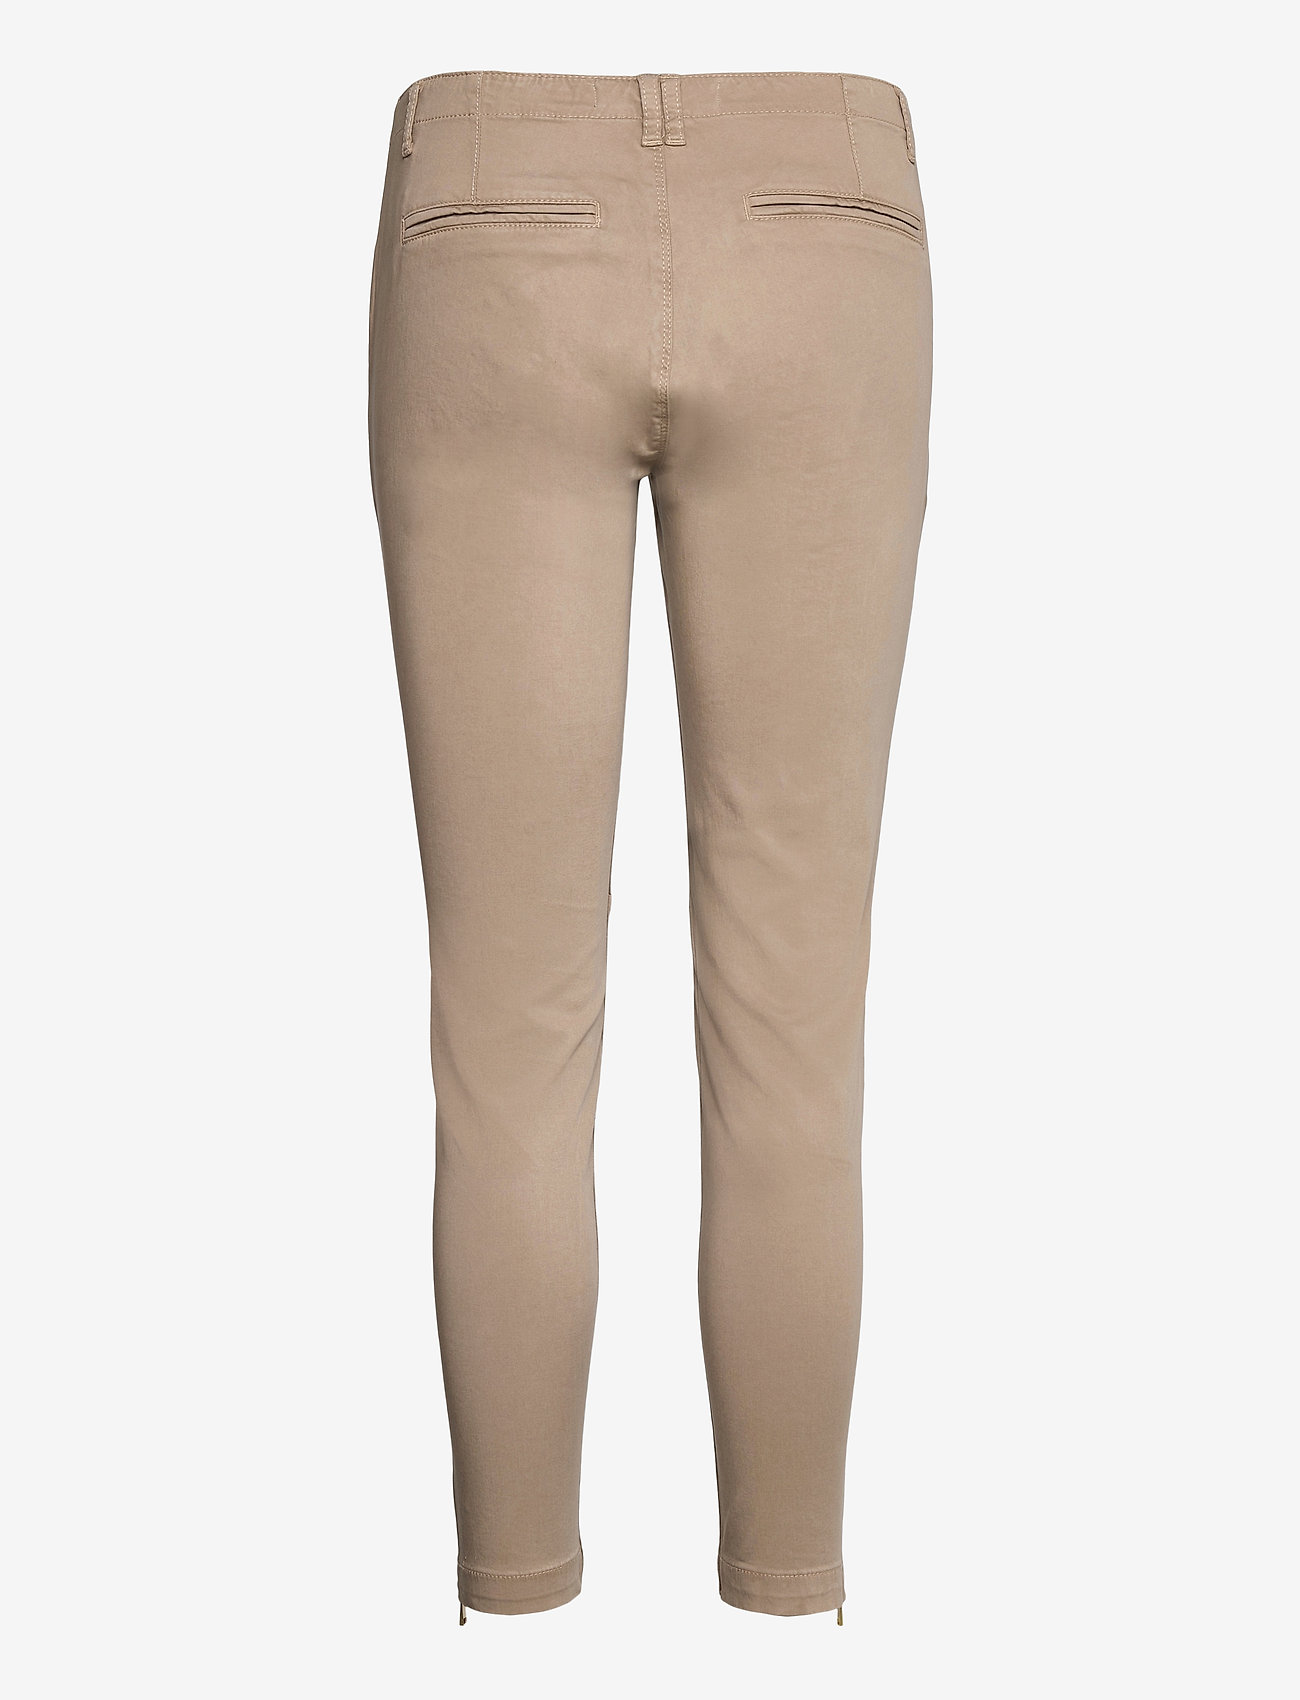 Sofie Schnoor - Pants - slim fit bukser - sand - 1